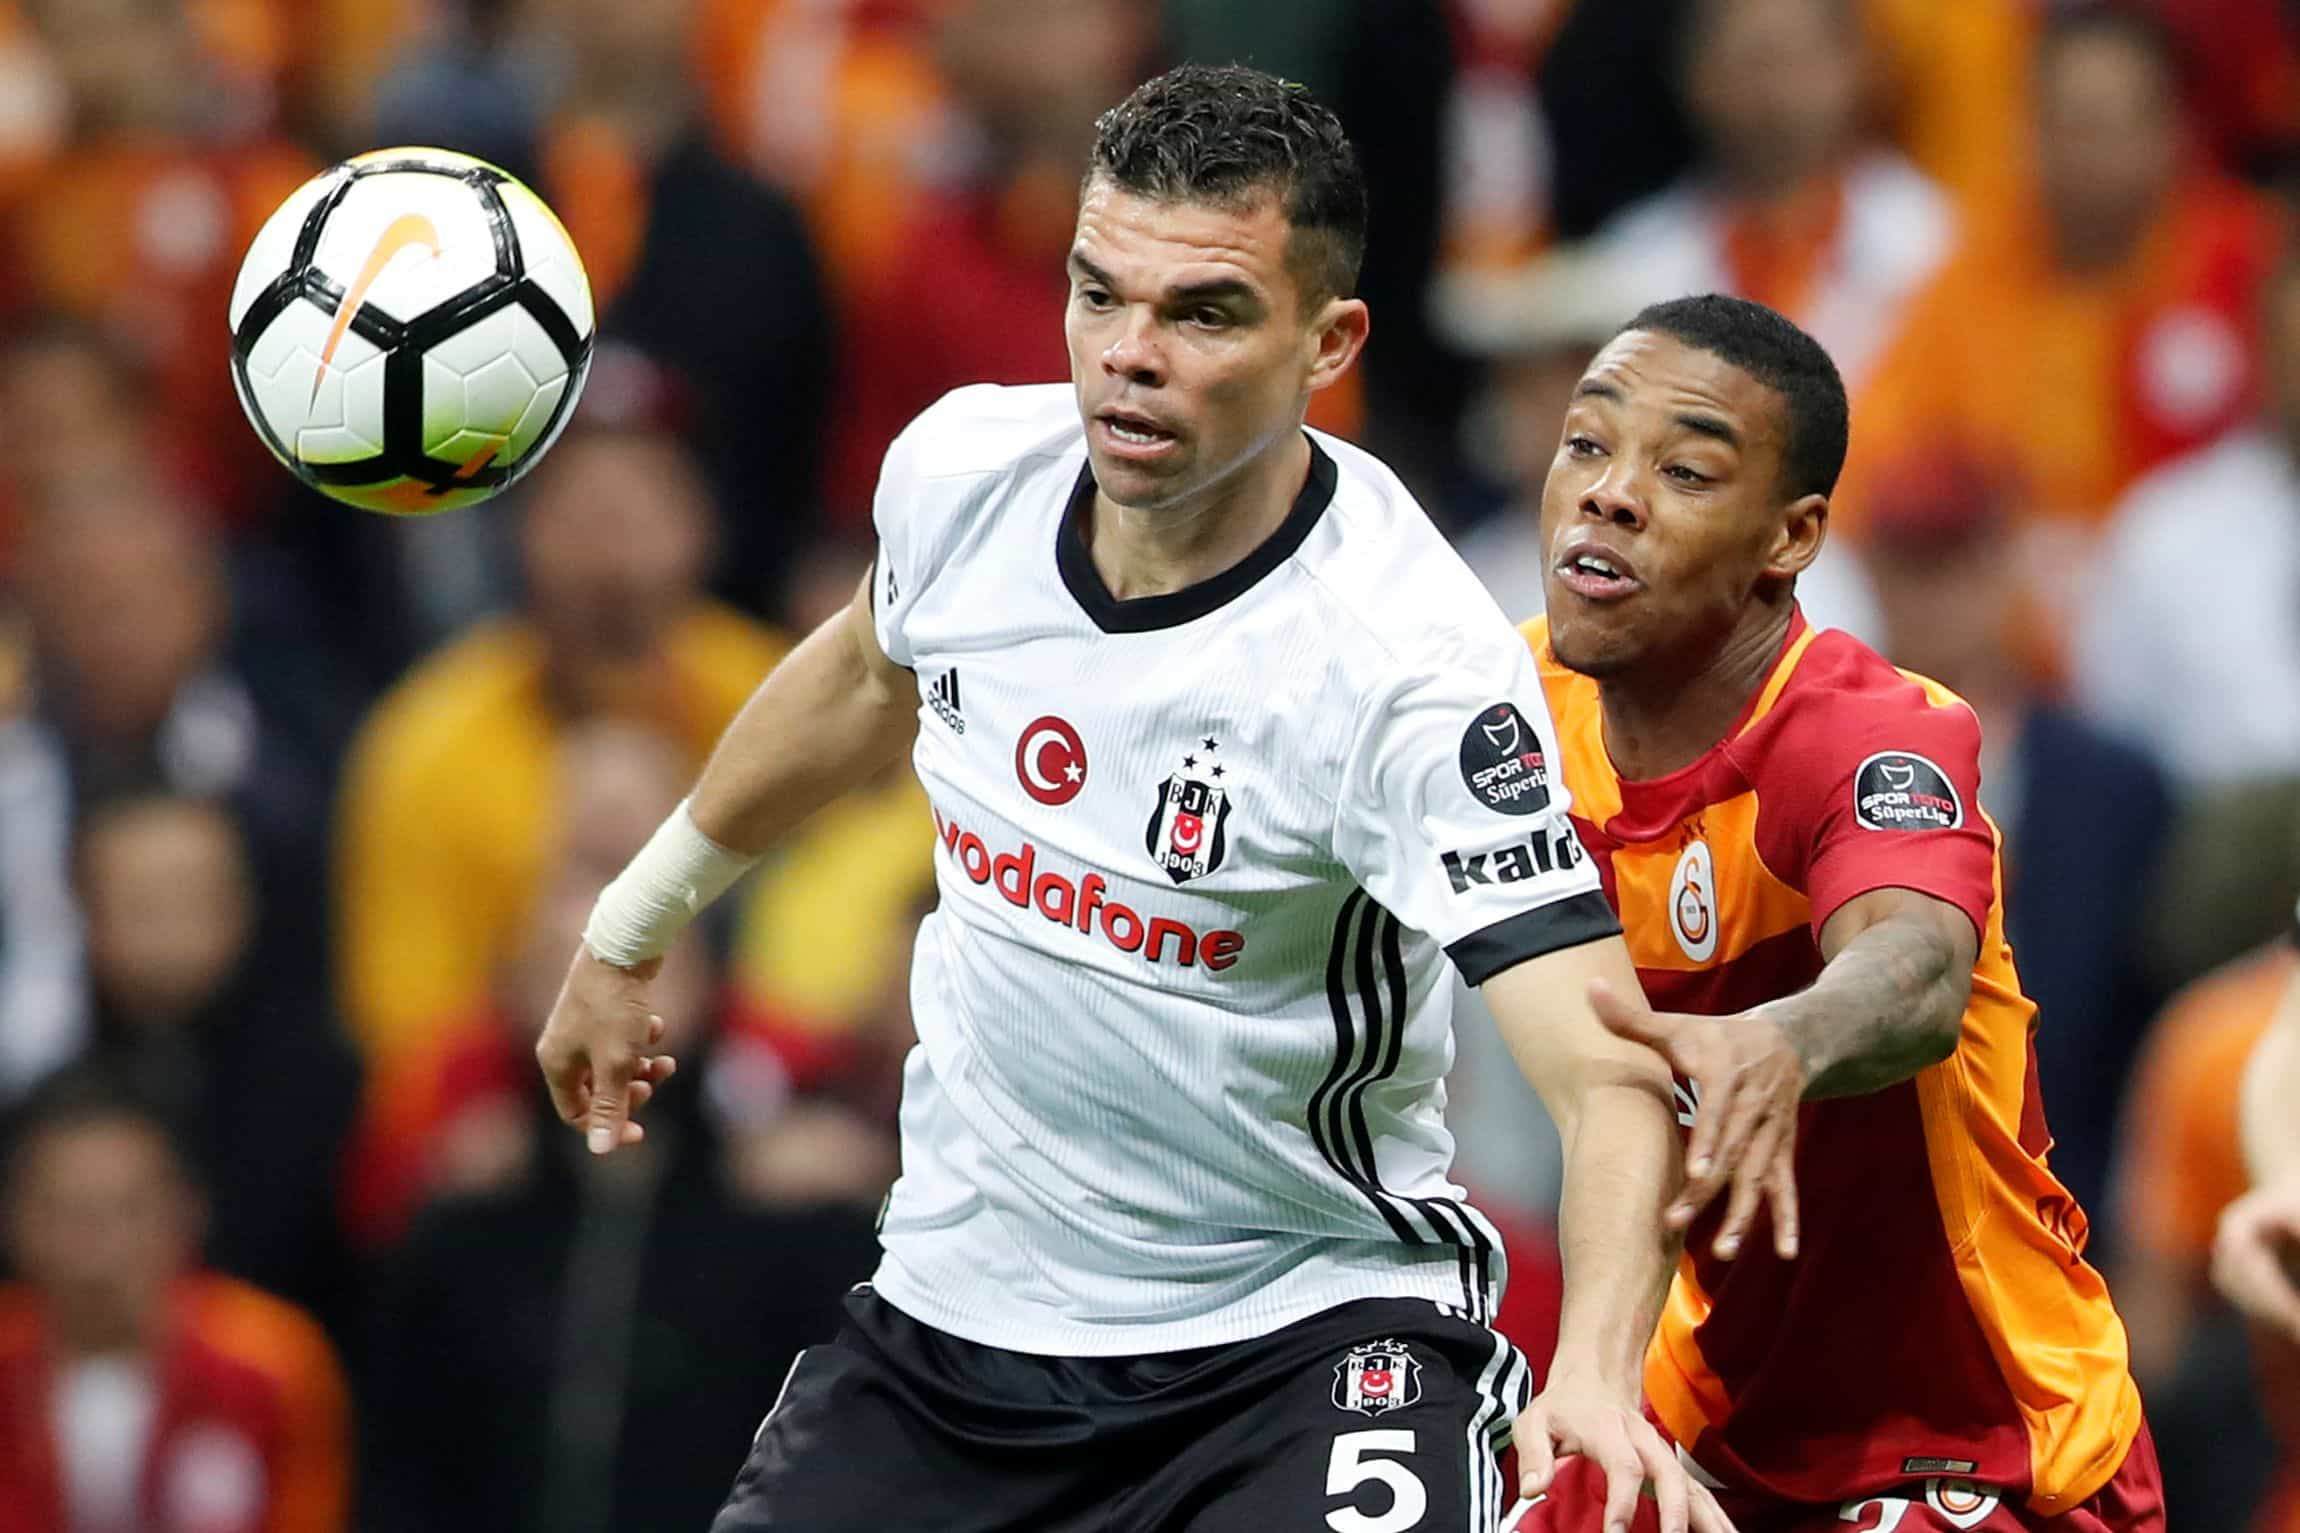 Antes de rescindir, Pepe pagou a funcionários do Besiktas do seu bolso